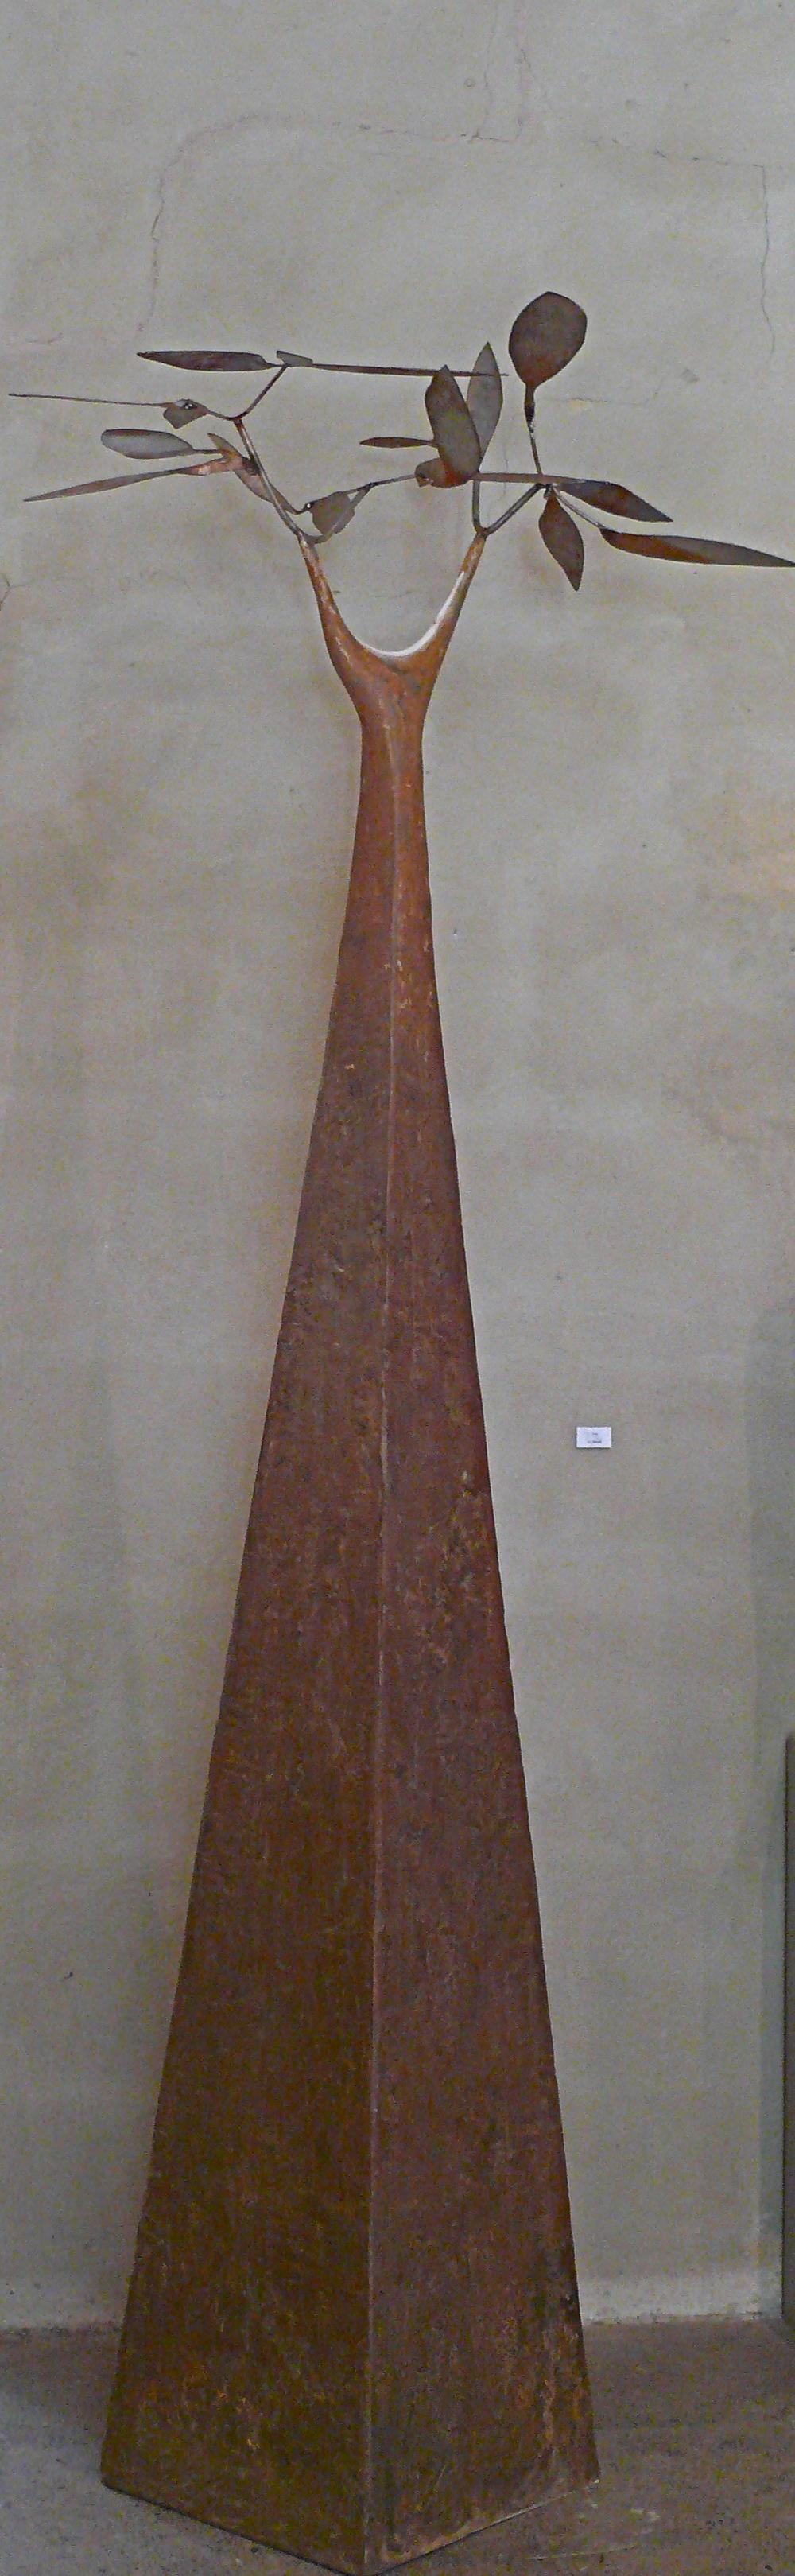 Shimmering Tree 3300x1200 $3000